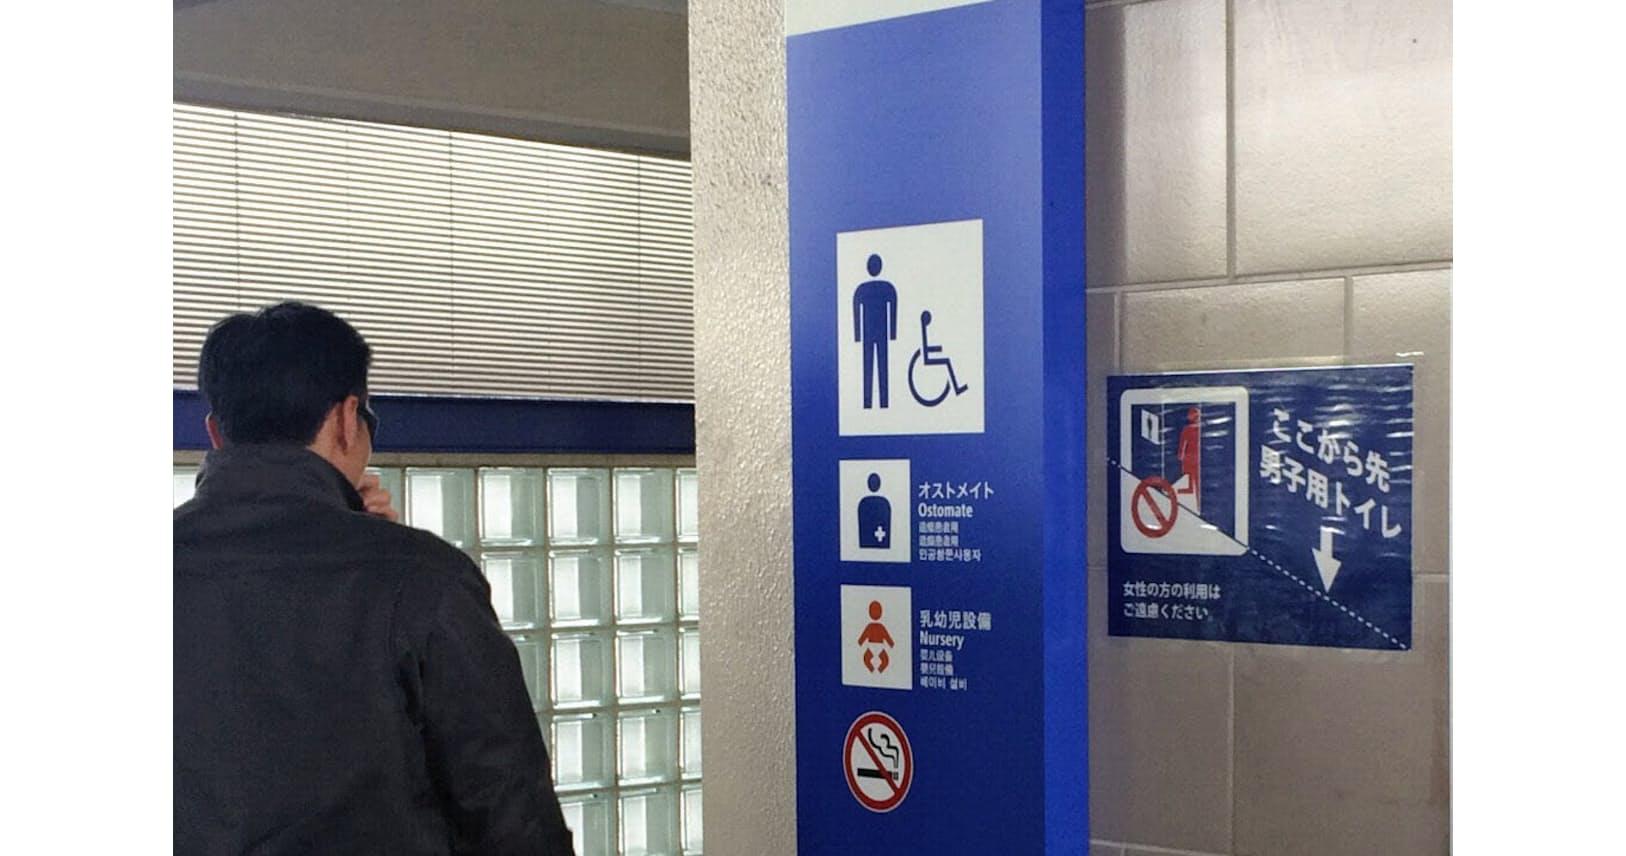 公共トイレが無法地帯 男性用に女性が入る くらし ハウス Nikkei Style